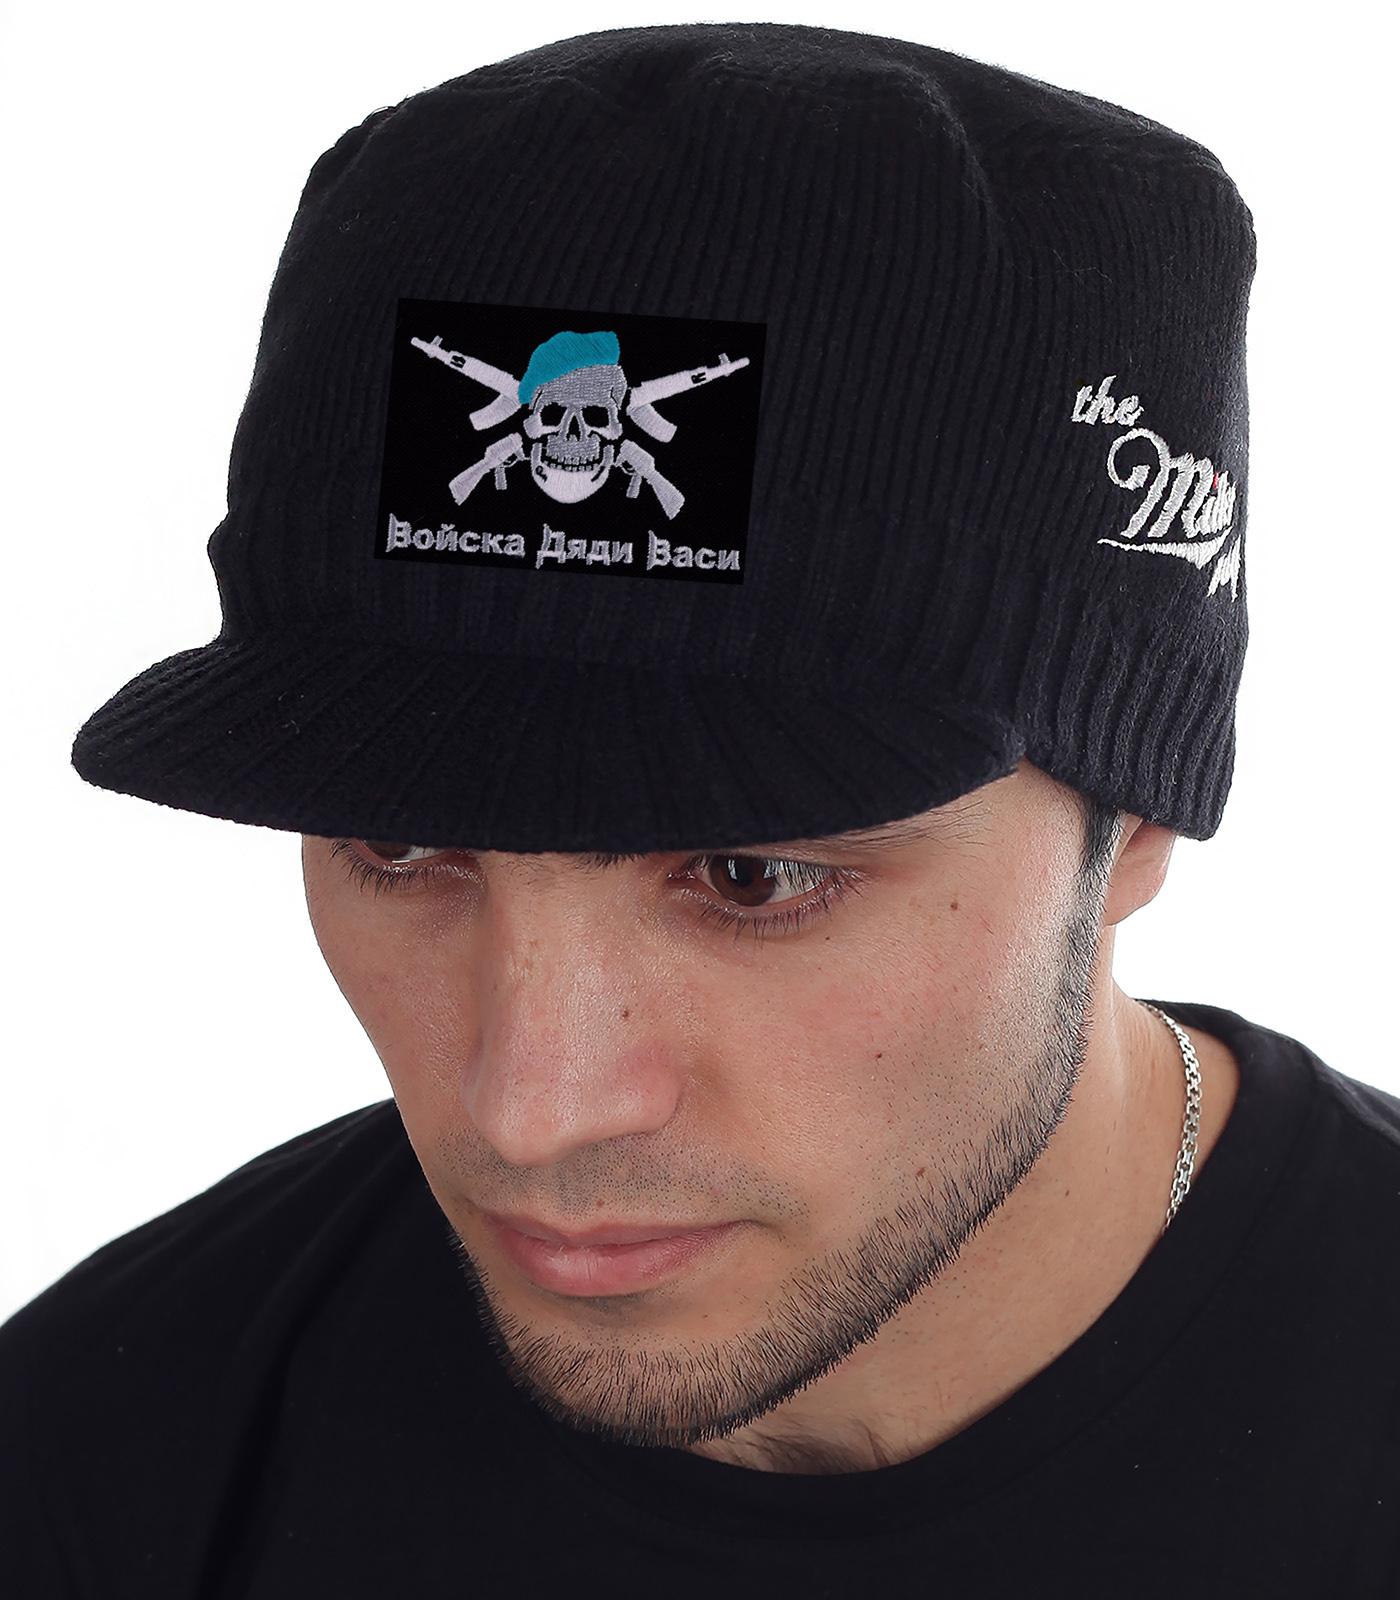 По-настоящему теплая и по-мужски стильная шапка с козырьком. Брендовое качество Miller Way, заметная нашивка «Войска Дяди Васи». Фасон милитари к лицу любому мужчине!